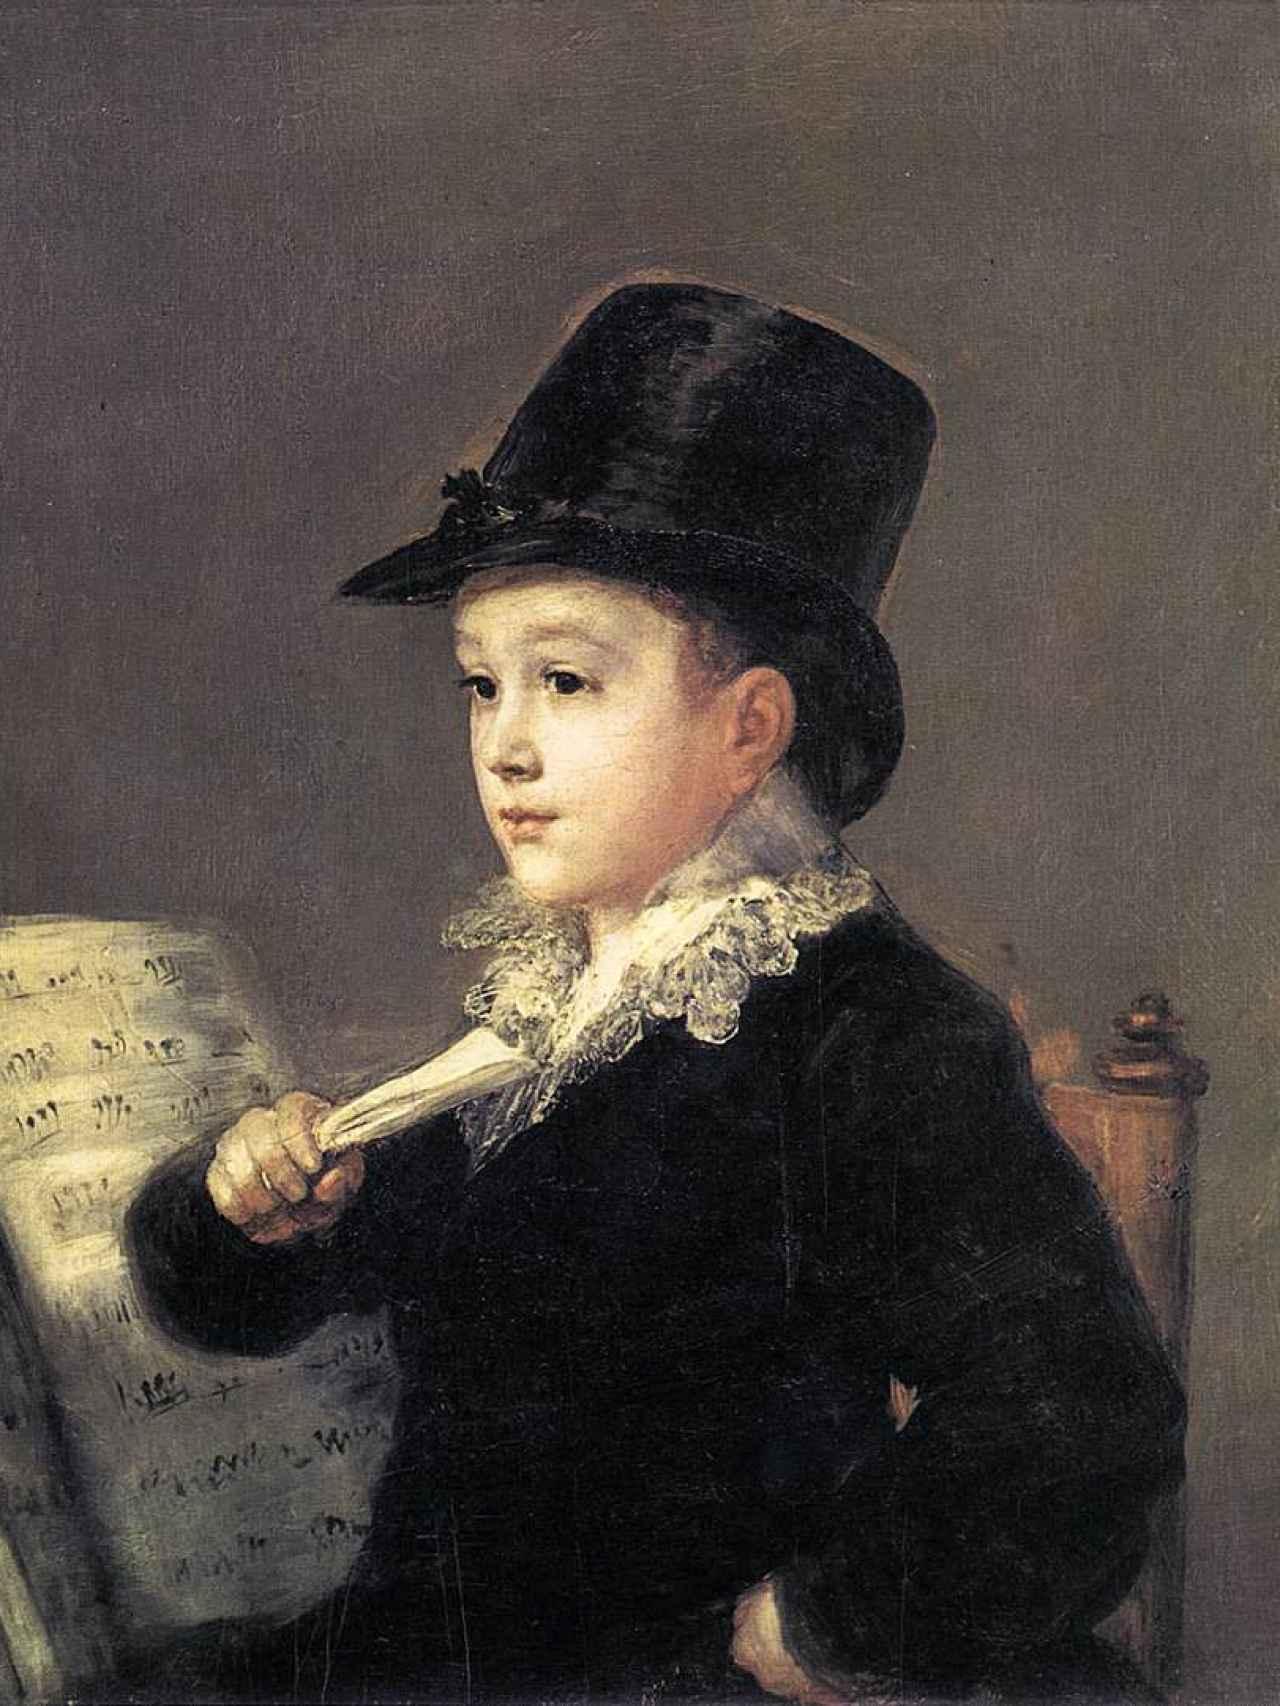 El retrato del nieto de Goya, conocido como Marianito.